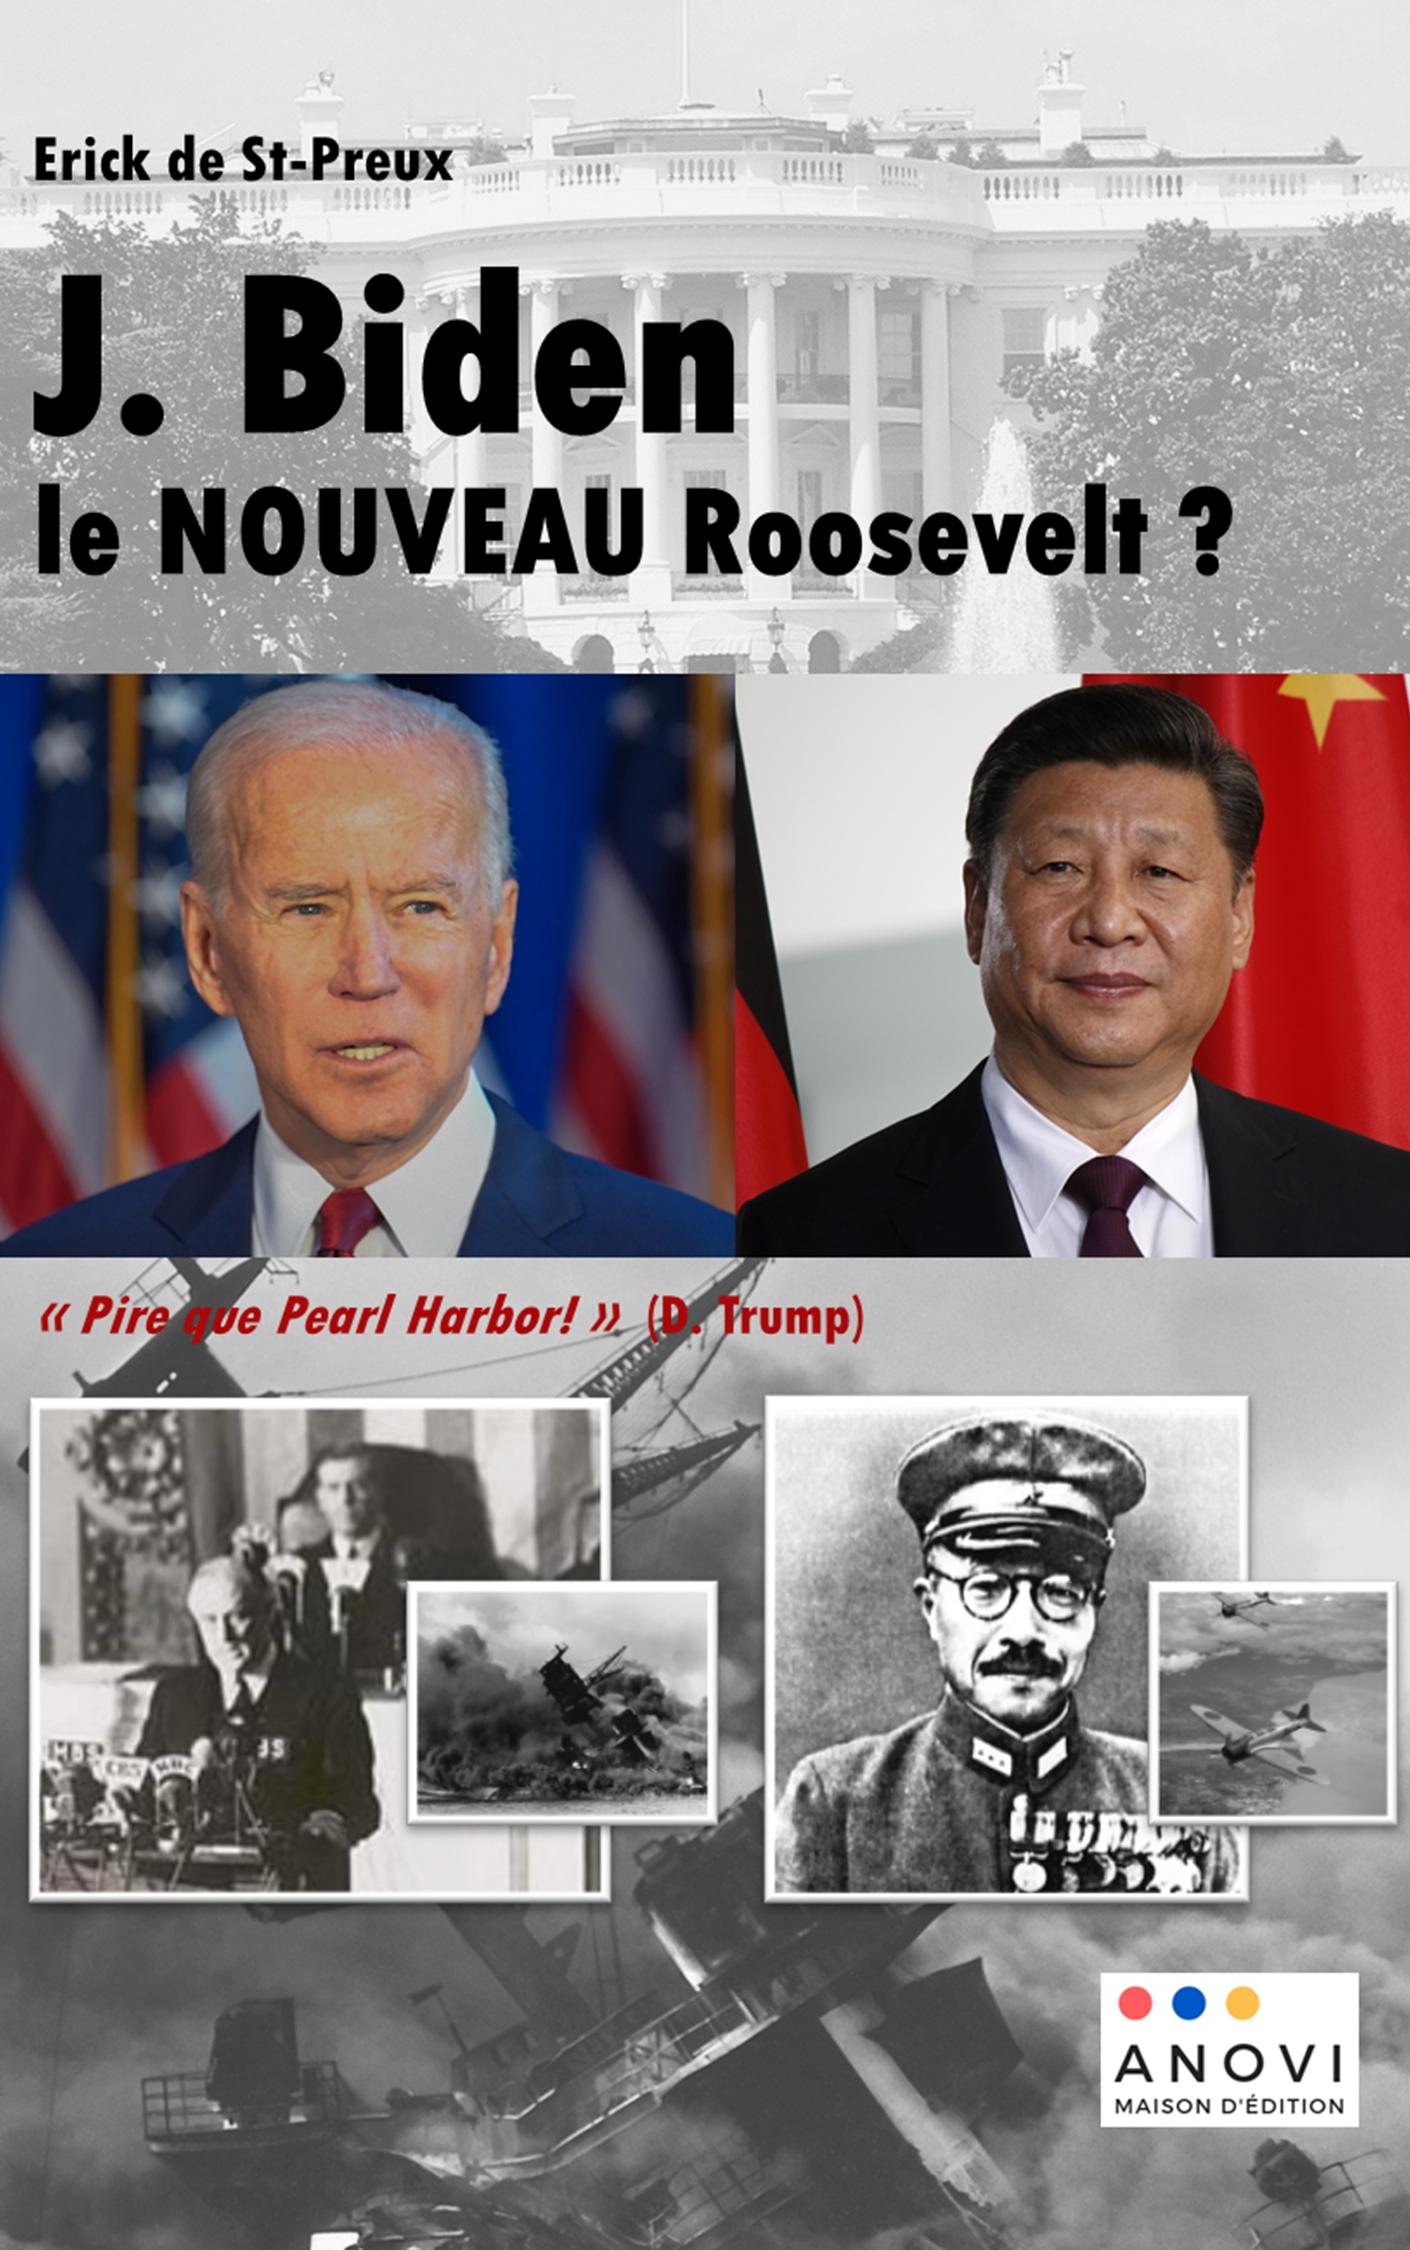 J.Biden, le NOUVEAU Roosevelt ? Image